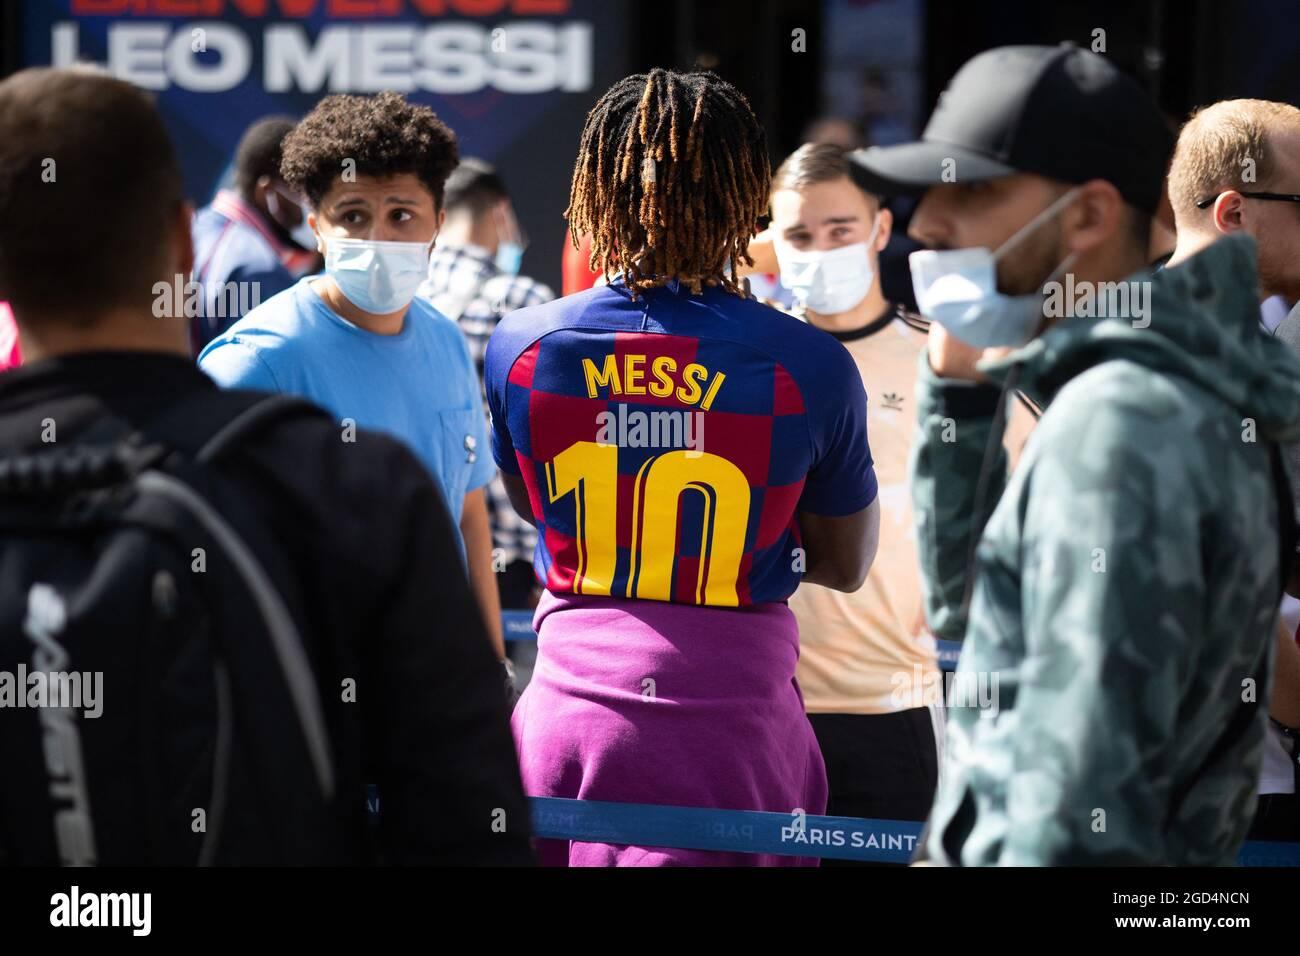 Paris, Frankreich. August 2021. Am 11. August 2021 stehen die Leute Schlange, um ein Trikot des argentinischen PSG-Fußballspielers Lionel Messi im Laden des Fußballclubs Paris-Saint-Germain (PSG) auf der Champs Elysees in Paris zu kaufen. Messi unterzeichnete am 10. August 2021 einen zweijährigen Vertrag mit PSG mit der Option eines zusätzlichen Jahres. Der 34-Jährige wird in Paris die Nummer 30 tragen, die er zu Beginn seiner beruflichen Laufbahn bei Barca hatte. Foto von Raphael Lafargue/ABACAPRESS.COM Quelle: Abaca Press/Alamy Live News Stockfoto